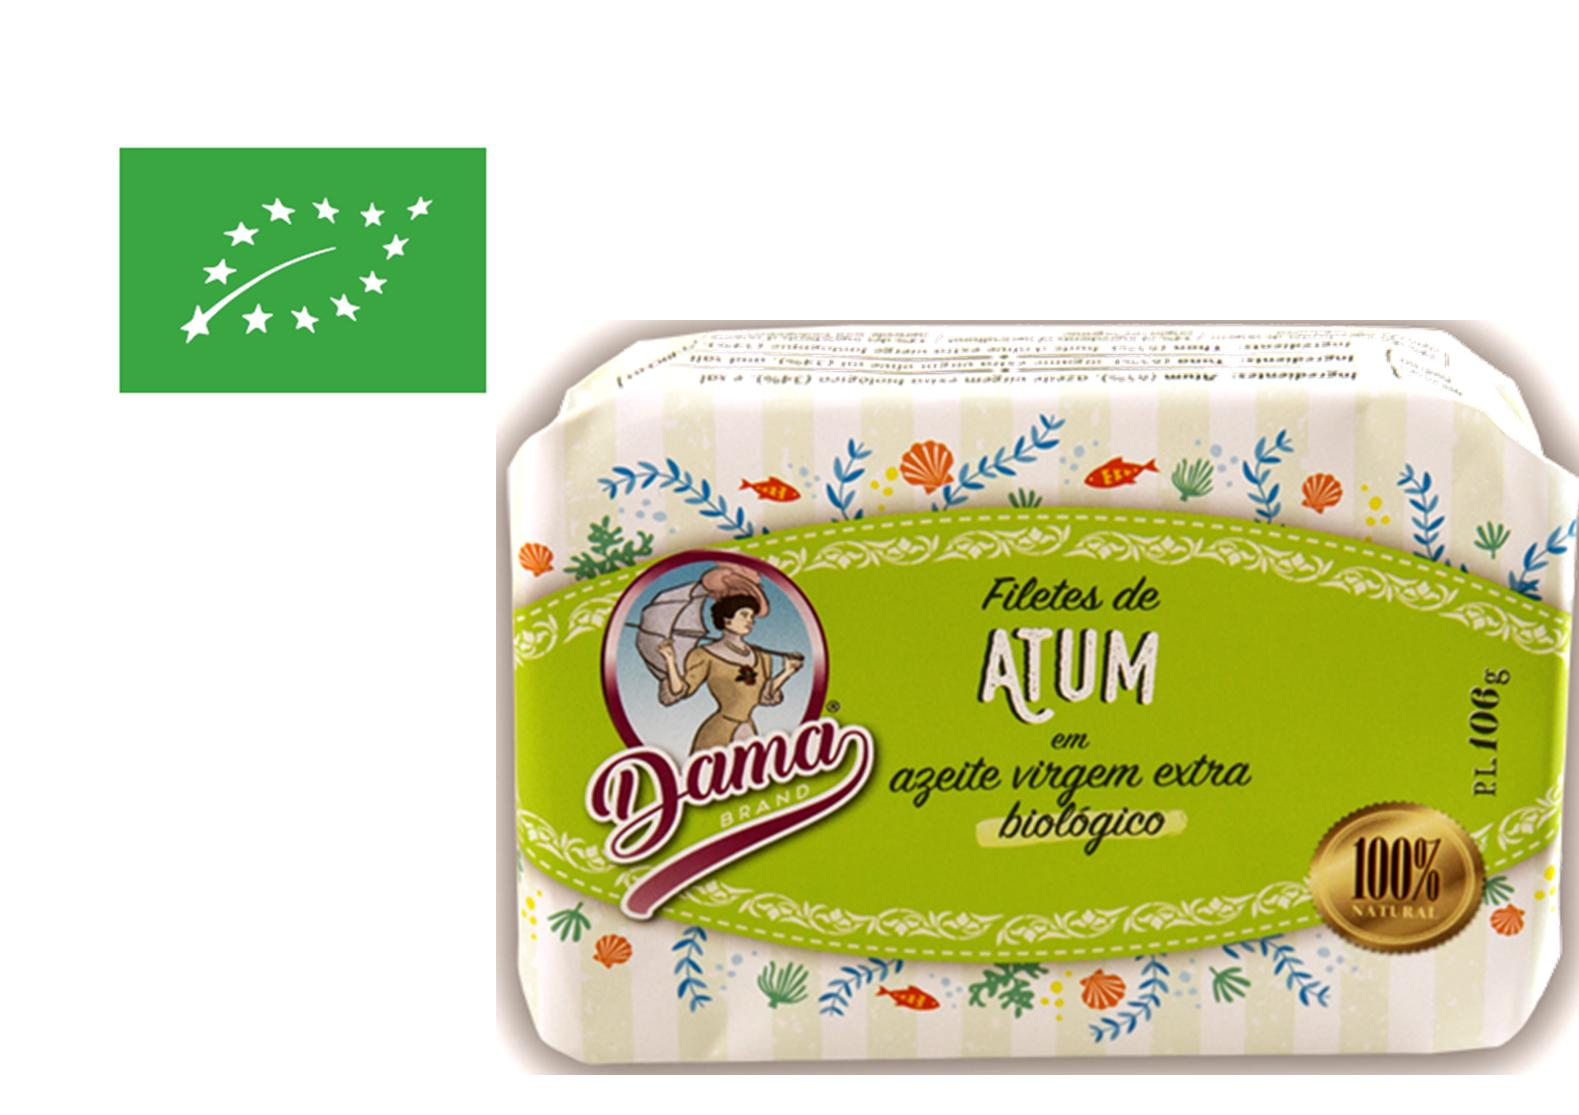 Filets de thon à l'huile d'olive extra vierge biologique - Dama - Conserveri Portugal Norte